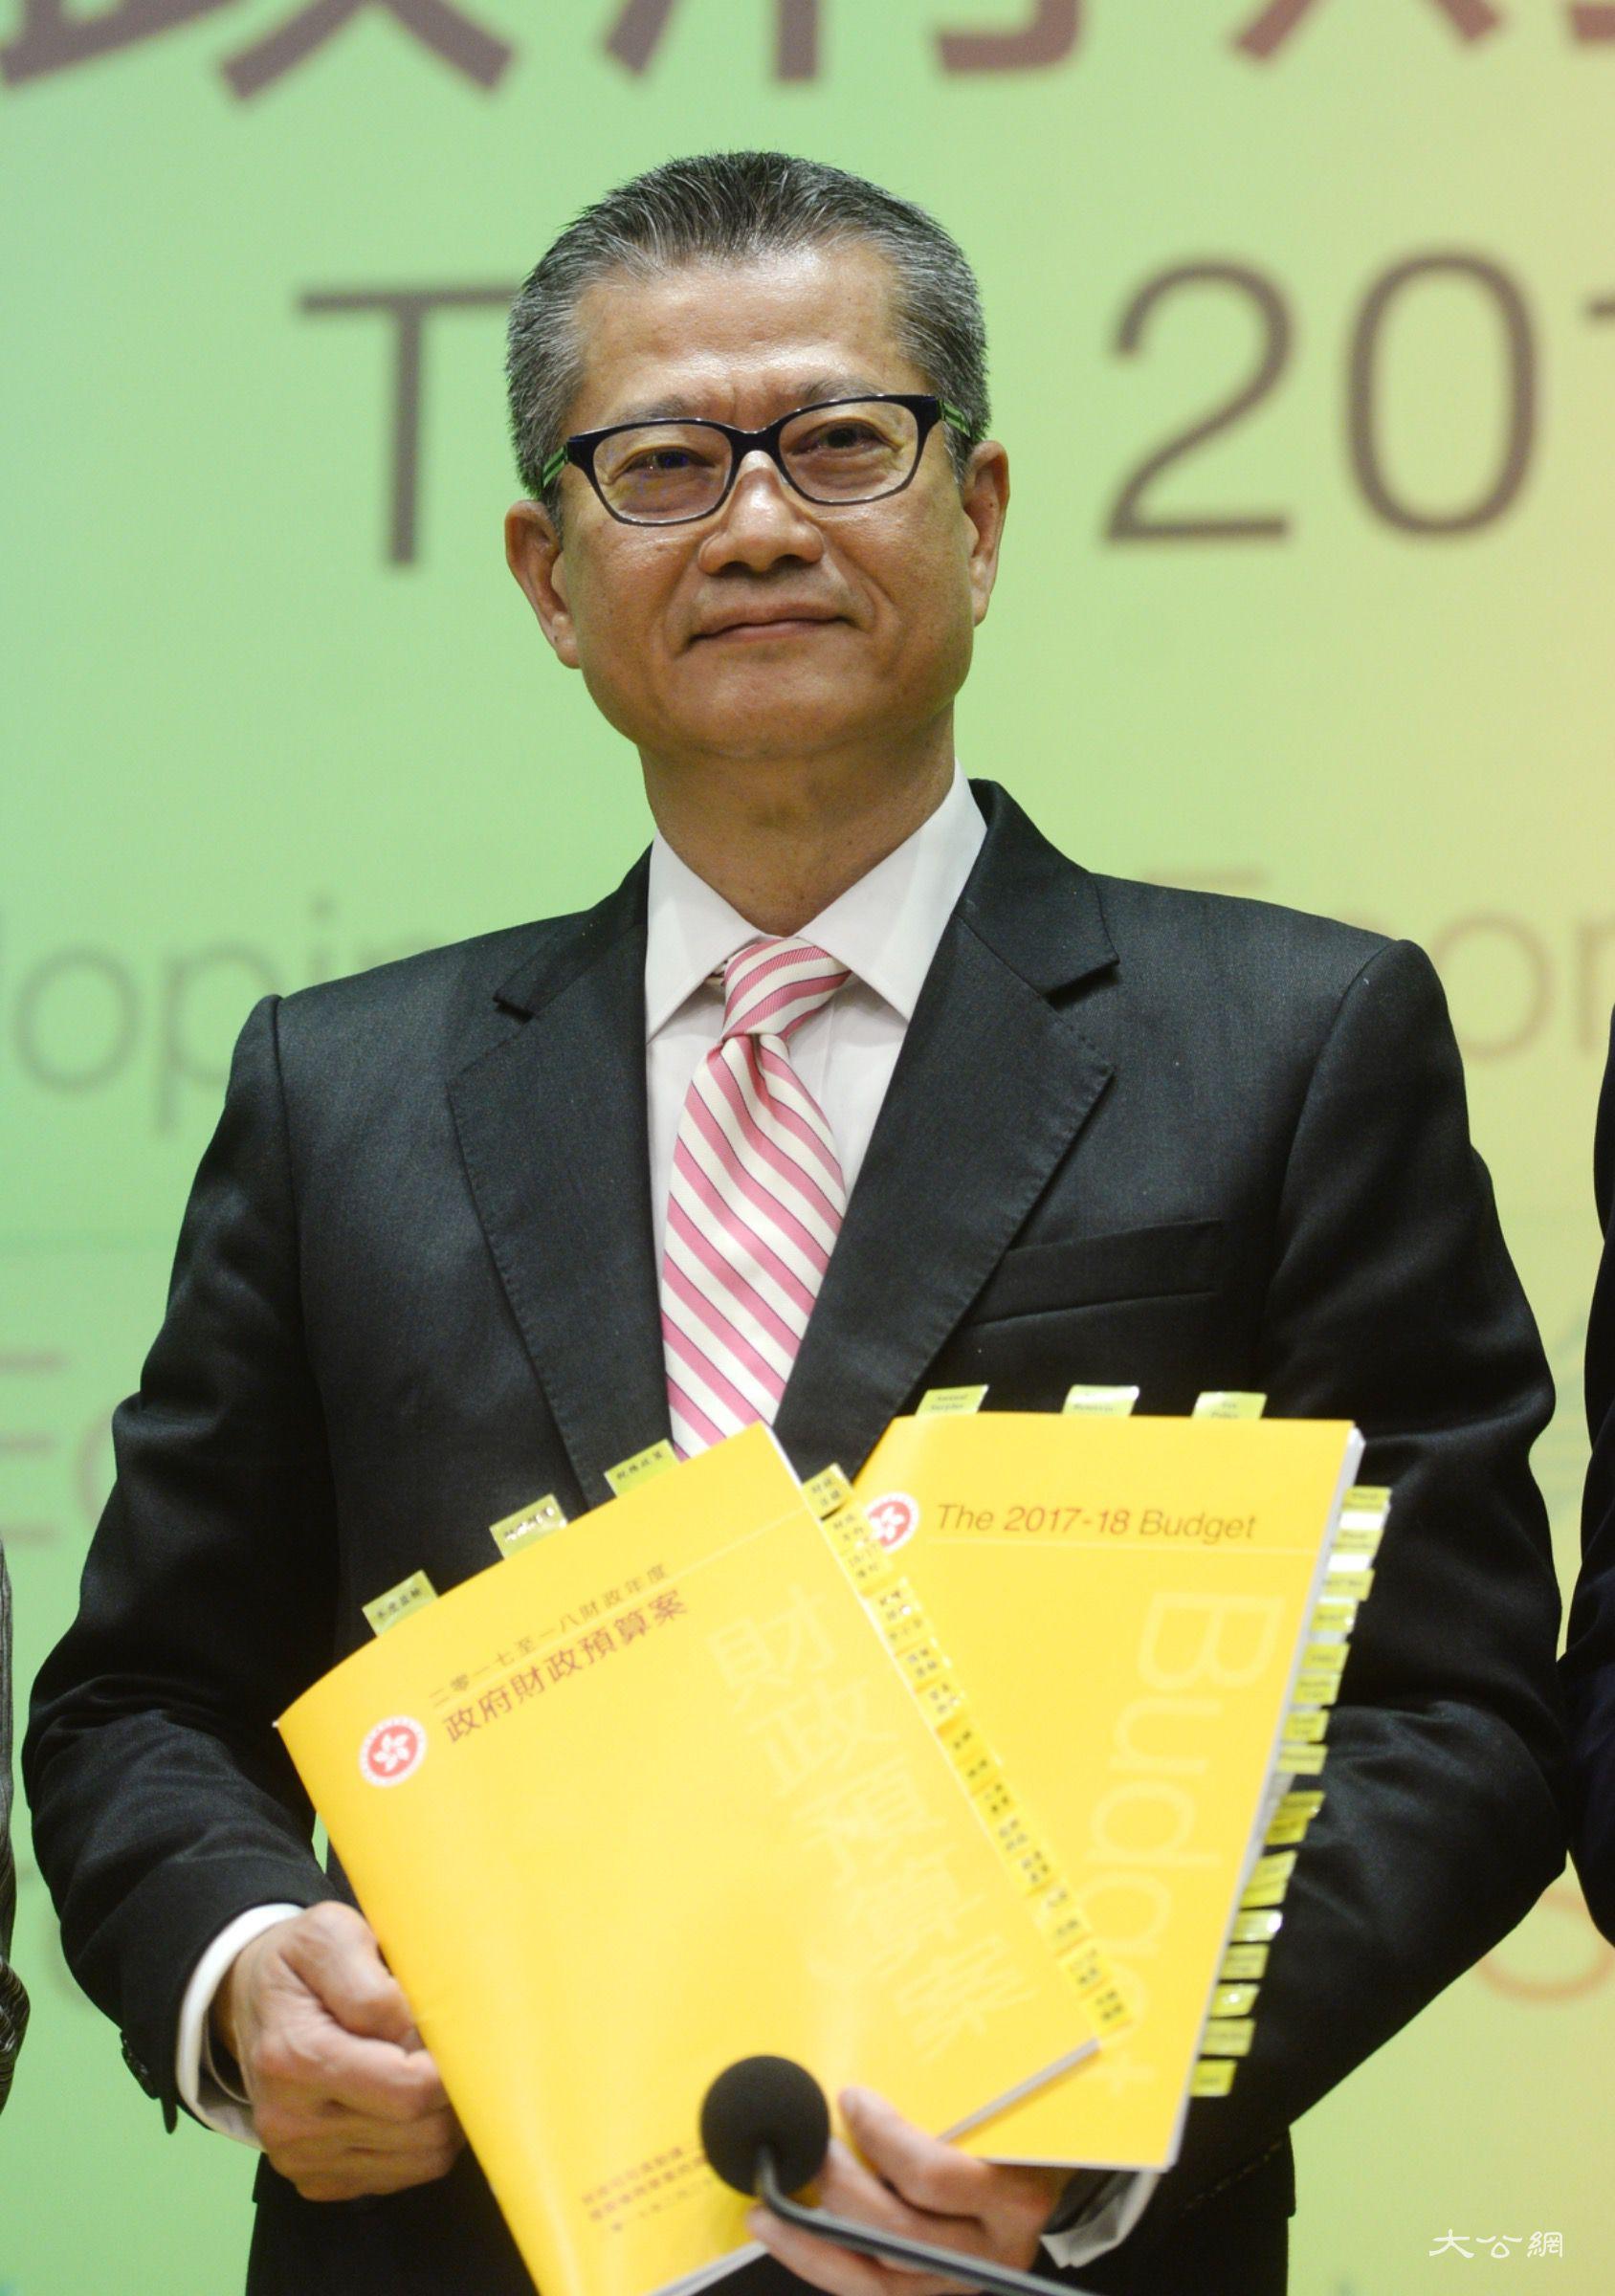 陈茂波:本港税制长时间没有调整